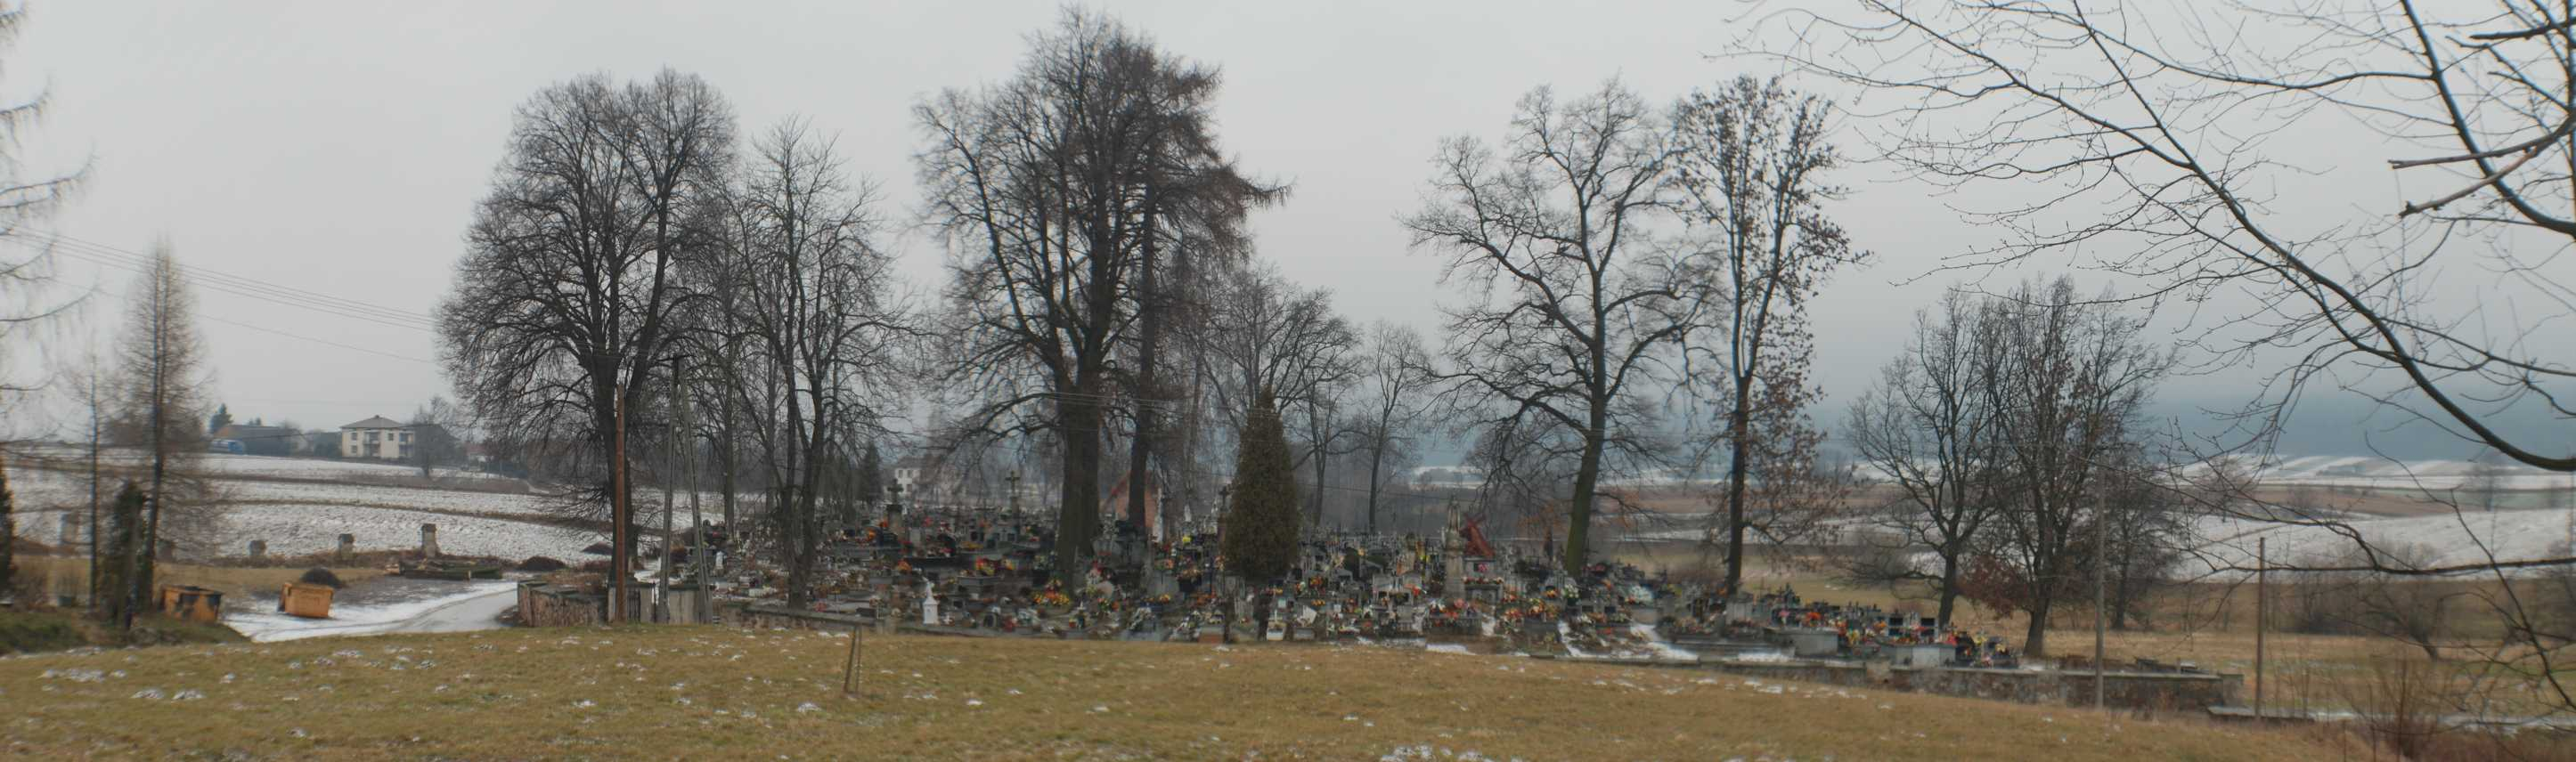 Cmentarz.jpg